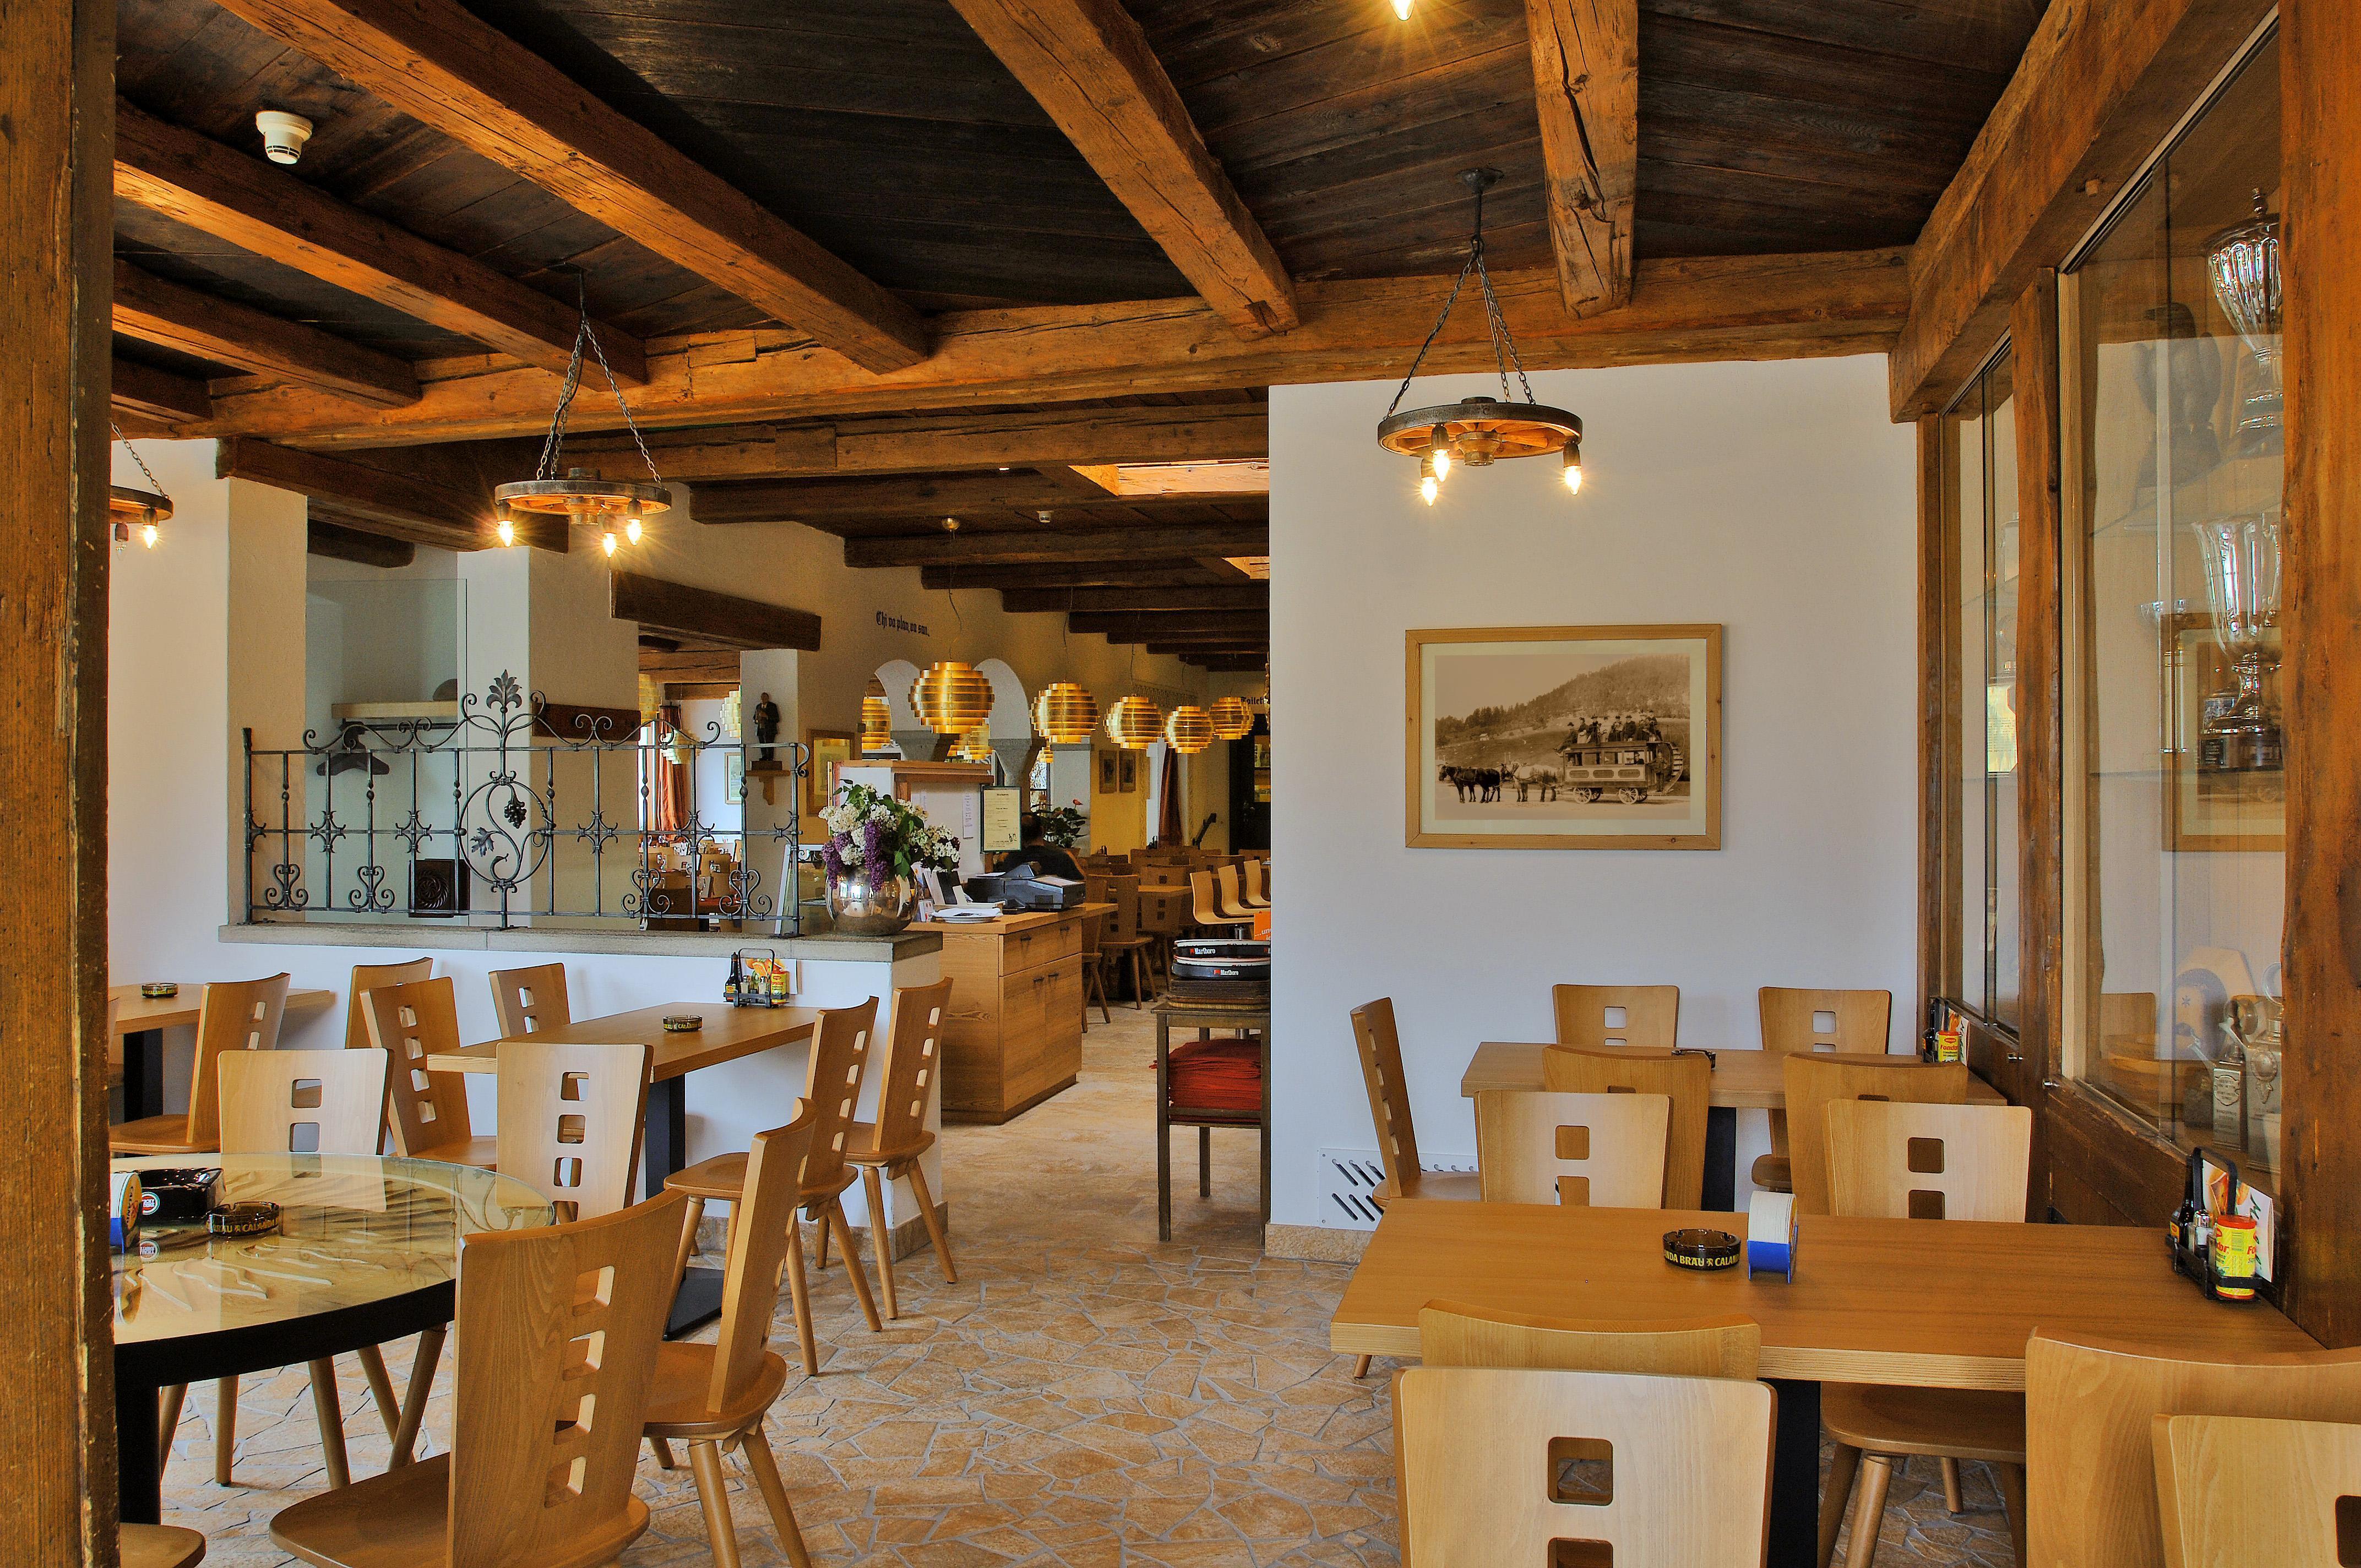 Hotel Restaurant Pizzeria Sonne Slide 3